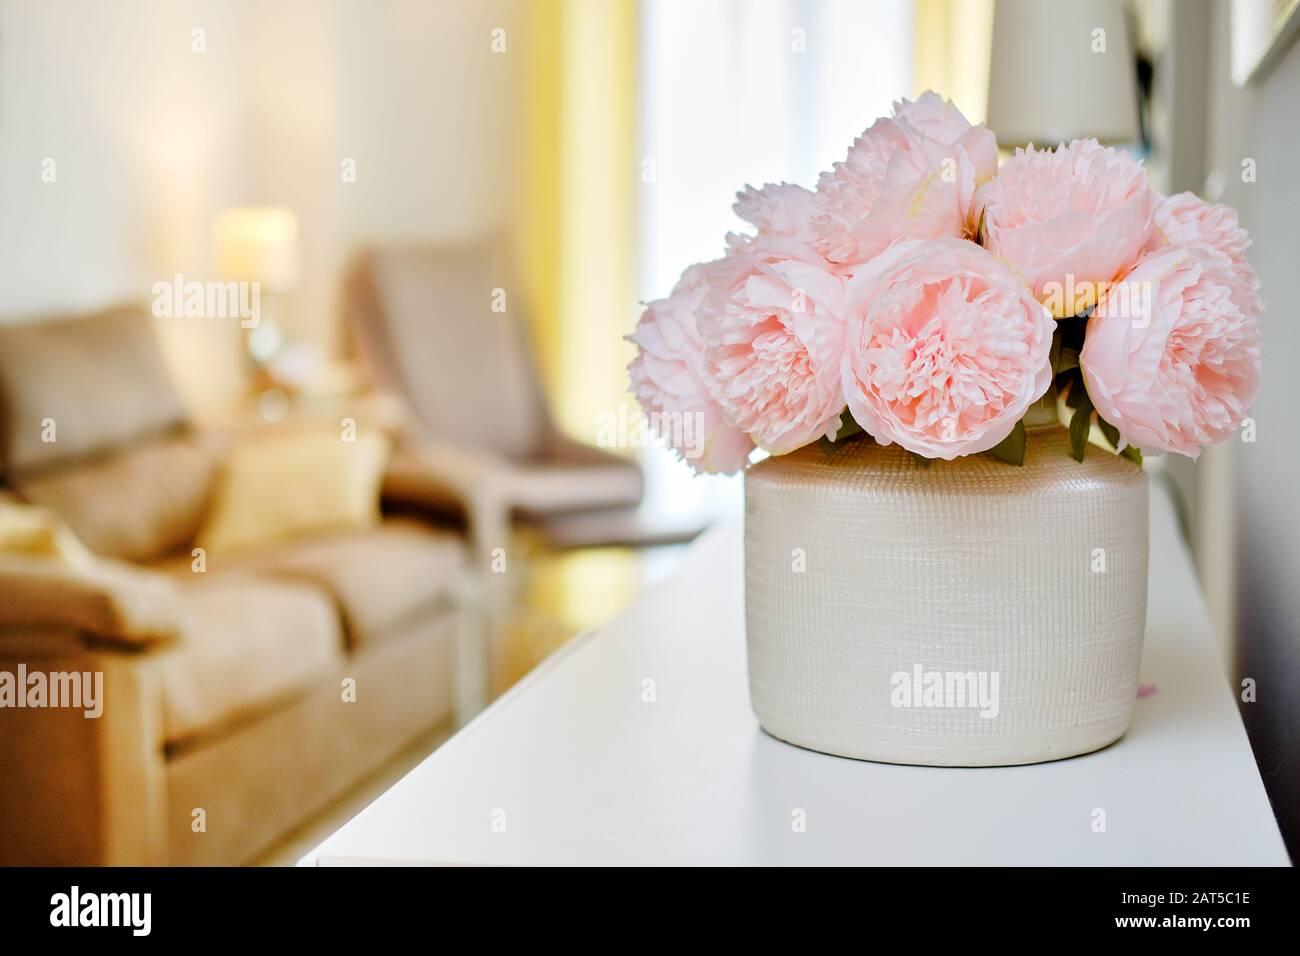 Peonías de color rosa bonito flores en jarrón blanco dentro de la luz cálida sala de estar, selección de primer plano se centran en el ramo, no la gente Foto de stock